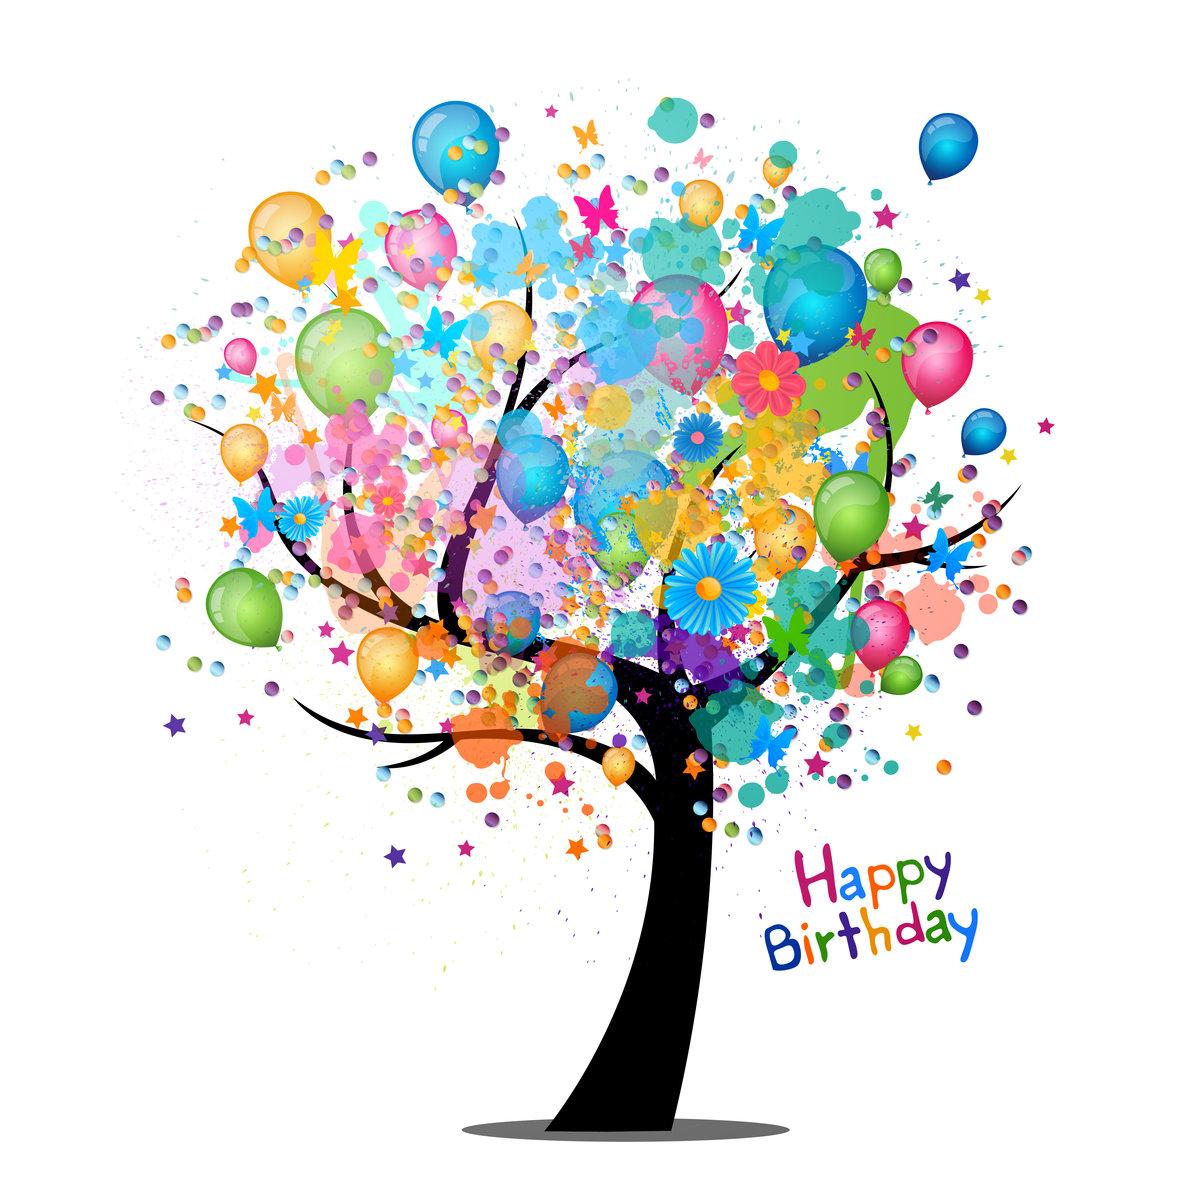 Поздравительные открытки с днем рождения стильные, поздравление для